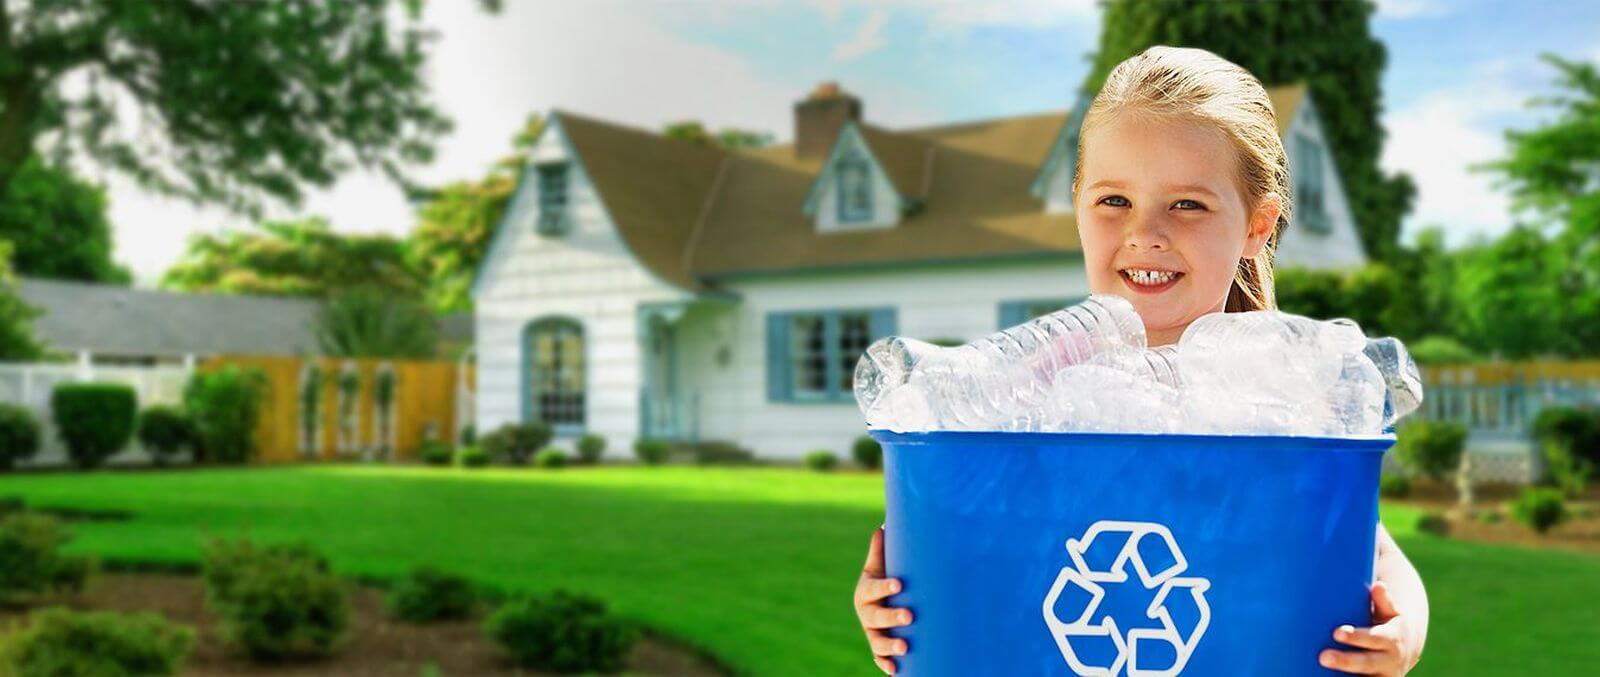 Contacto Cooperativa de reciclado de basura